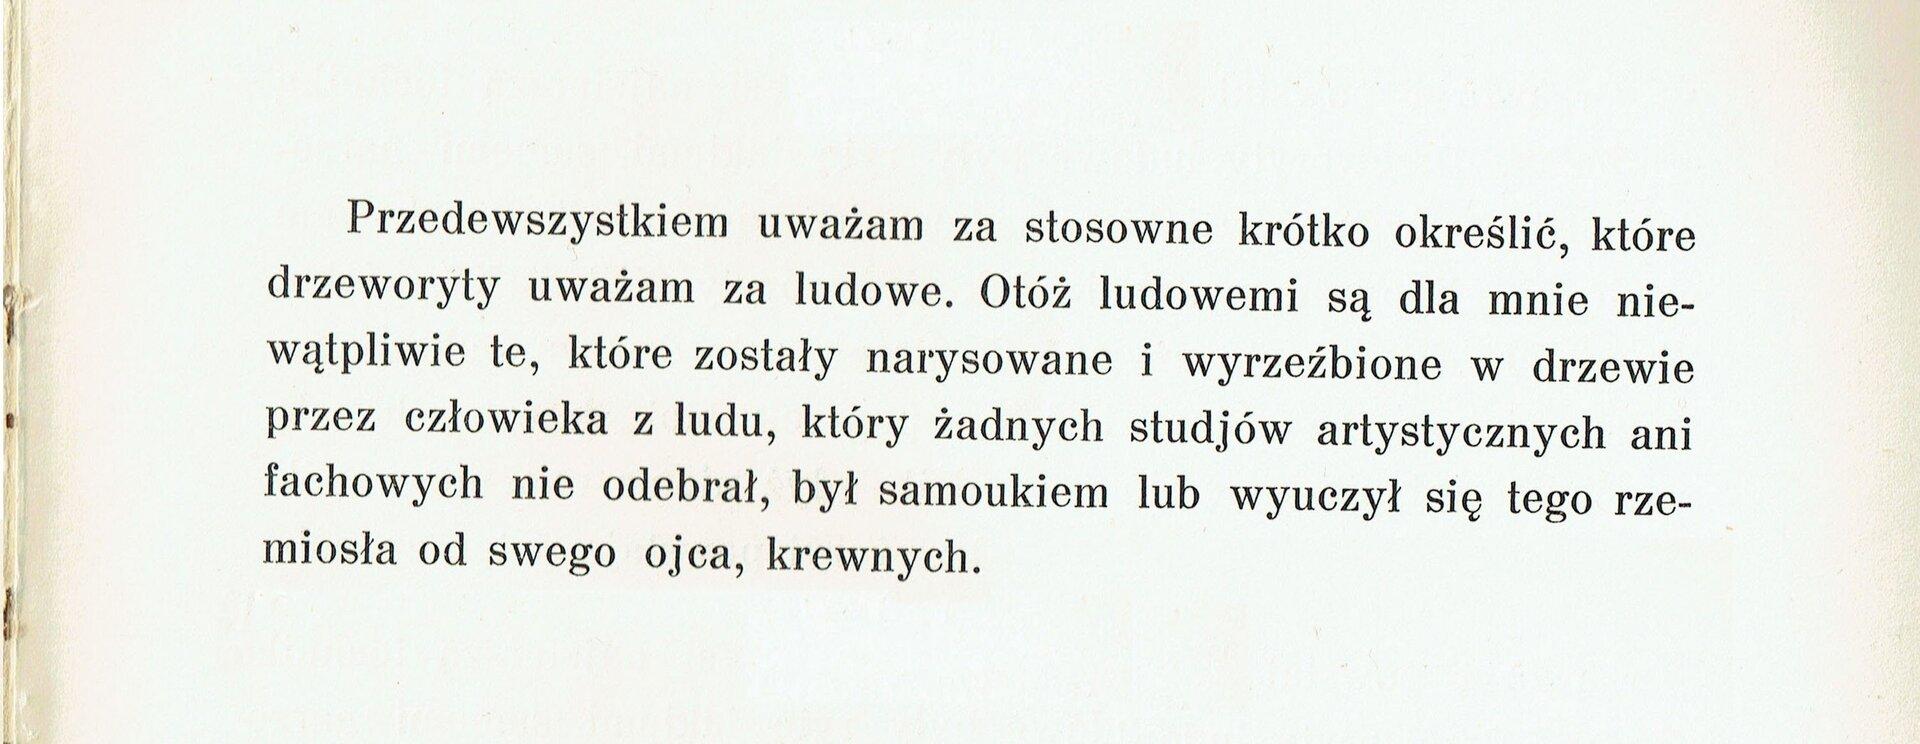 """Ilustracja przedstawia fotografię fragmentu tekstu zksiążki Władysława Skoczylasa """"Drzeworyt ludowy wPolsce"""". Jest opinią malarza na temat ludowego drzeworytu. Tekst jest następujący: """"Przedewszystkiem uważam za stosowne krótko określić, które drzeworyty uważam za ludowe. Otóż ludowemi są dla mnie niewątpliwie te, które zostały narysowane iwyrzeźbione wdrzewie przez człowieka zludu, który żadnych studjów artystycznych ani fachowych nie odebrał, był samoukiem lub wyuczył się tego rzemiosła od swego ojca, krewnych."""""""